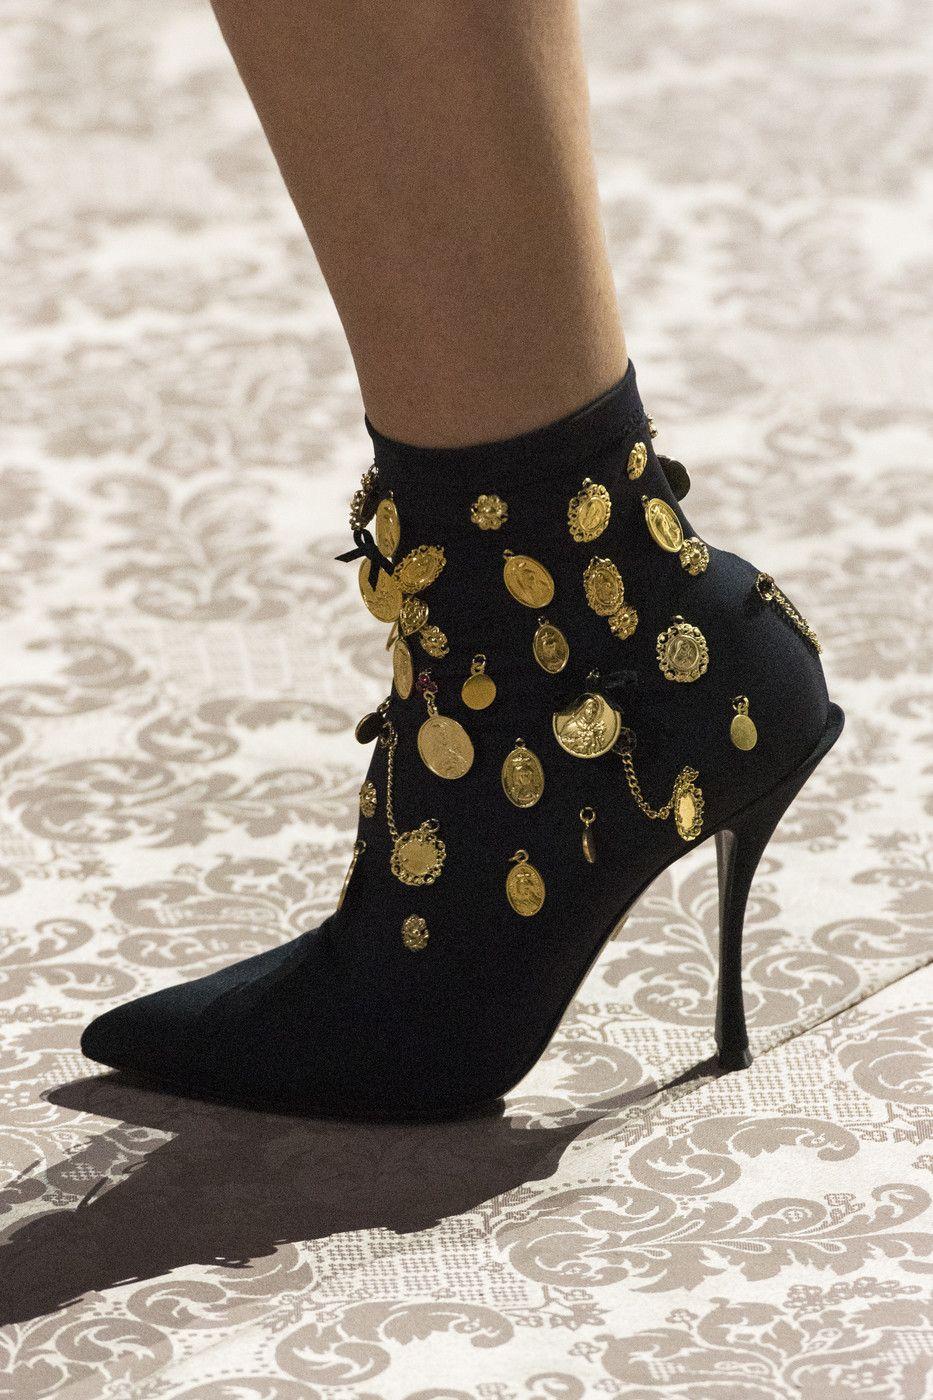 Dolce & Gabbana at Milan Fashion Week Spring 2019 i 2020